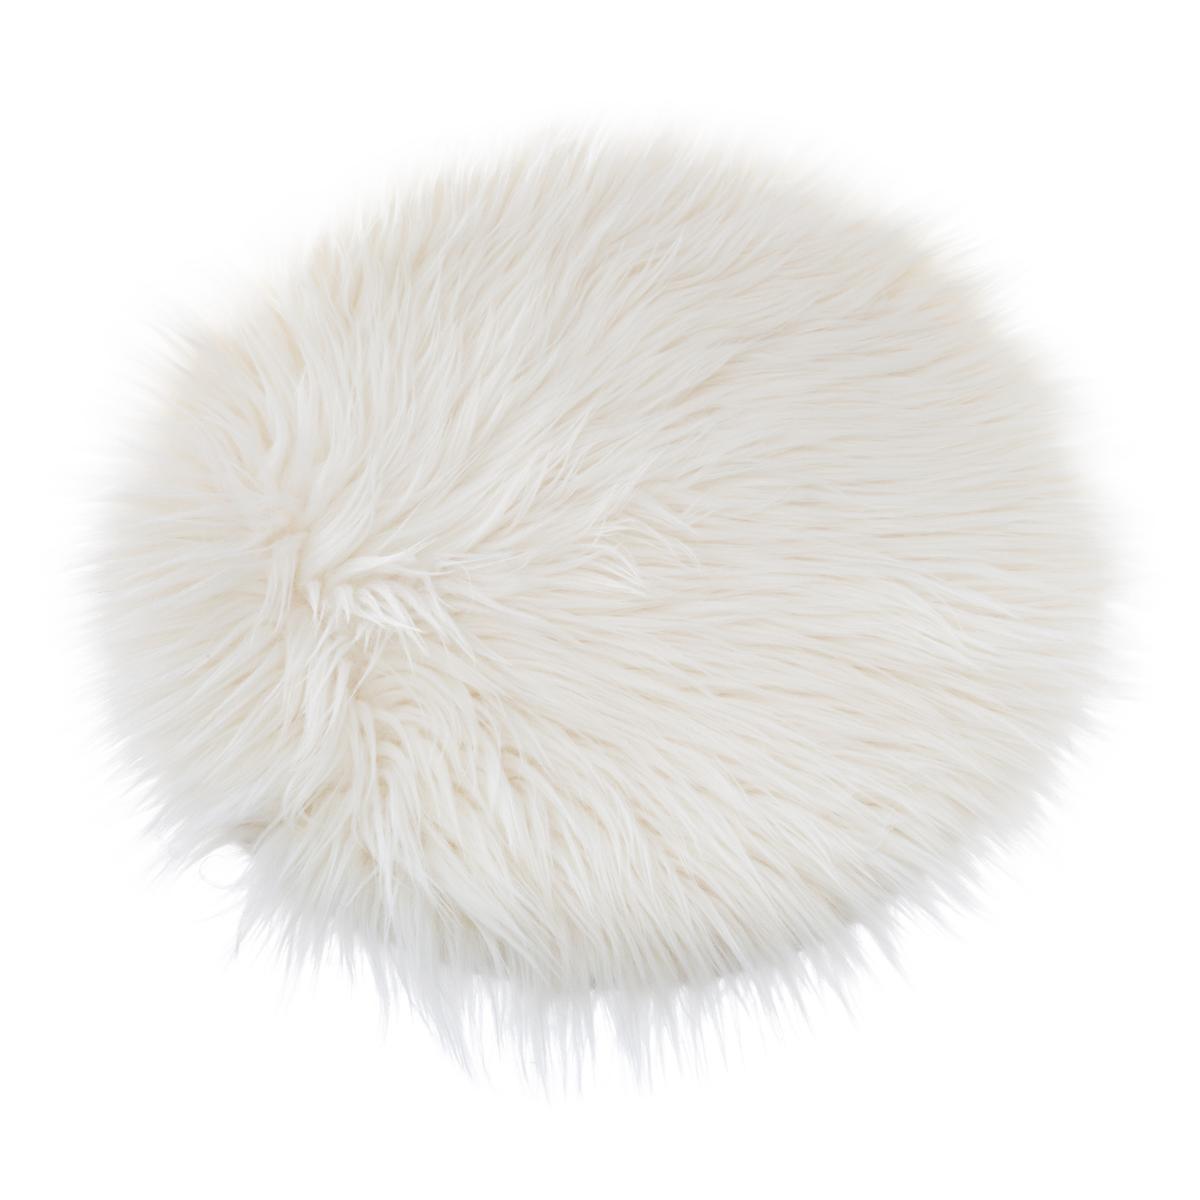 Galette de chaise ronde à poils longs ivoire D5 cm